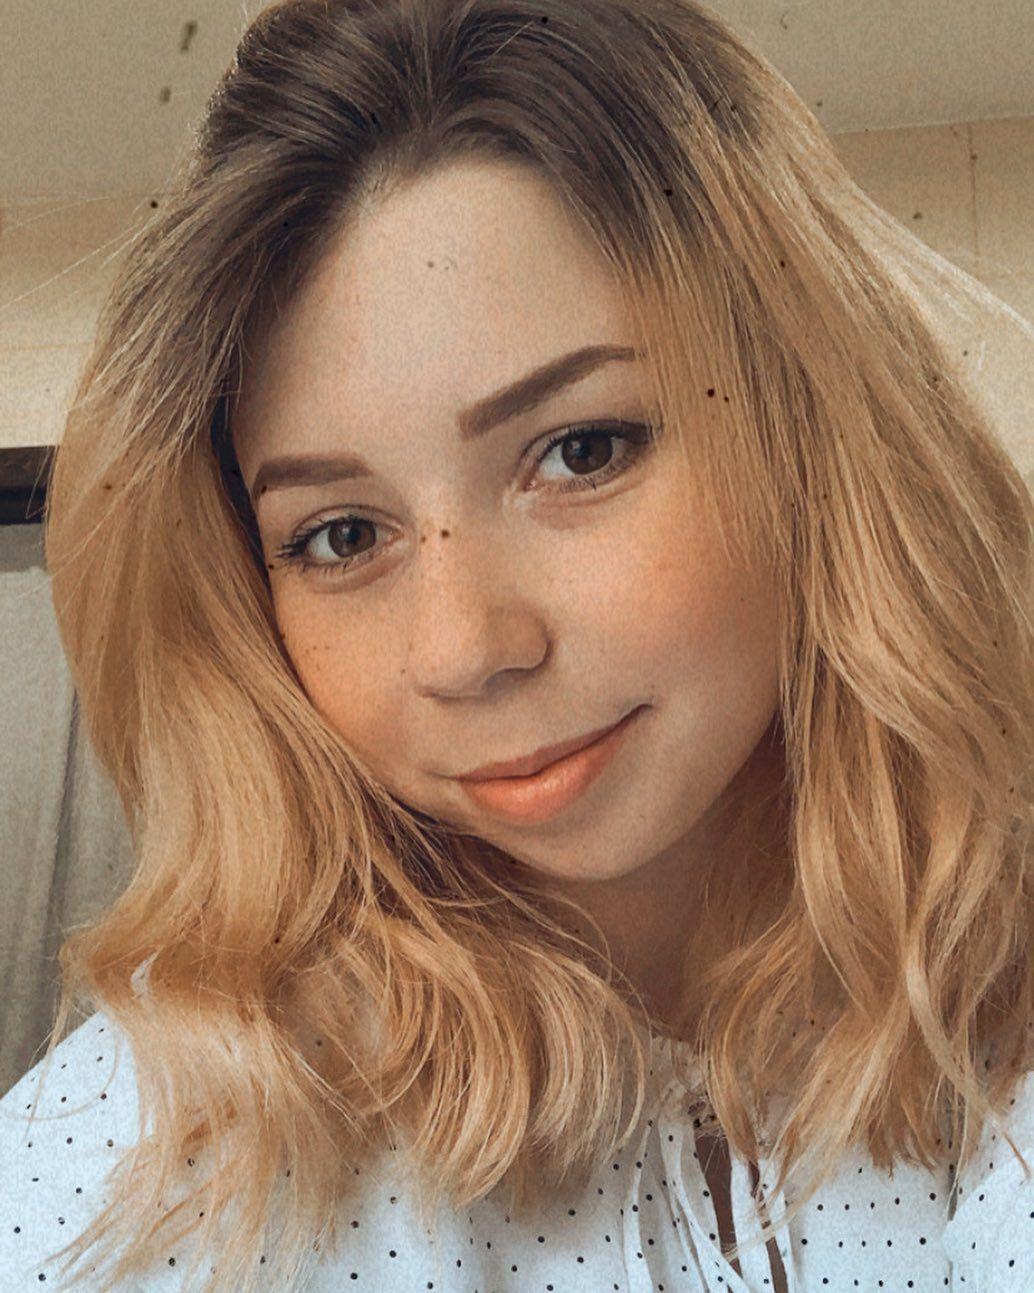 #smile #polishgirl #polskadziewczyna #blonde #shorthair 😊